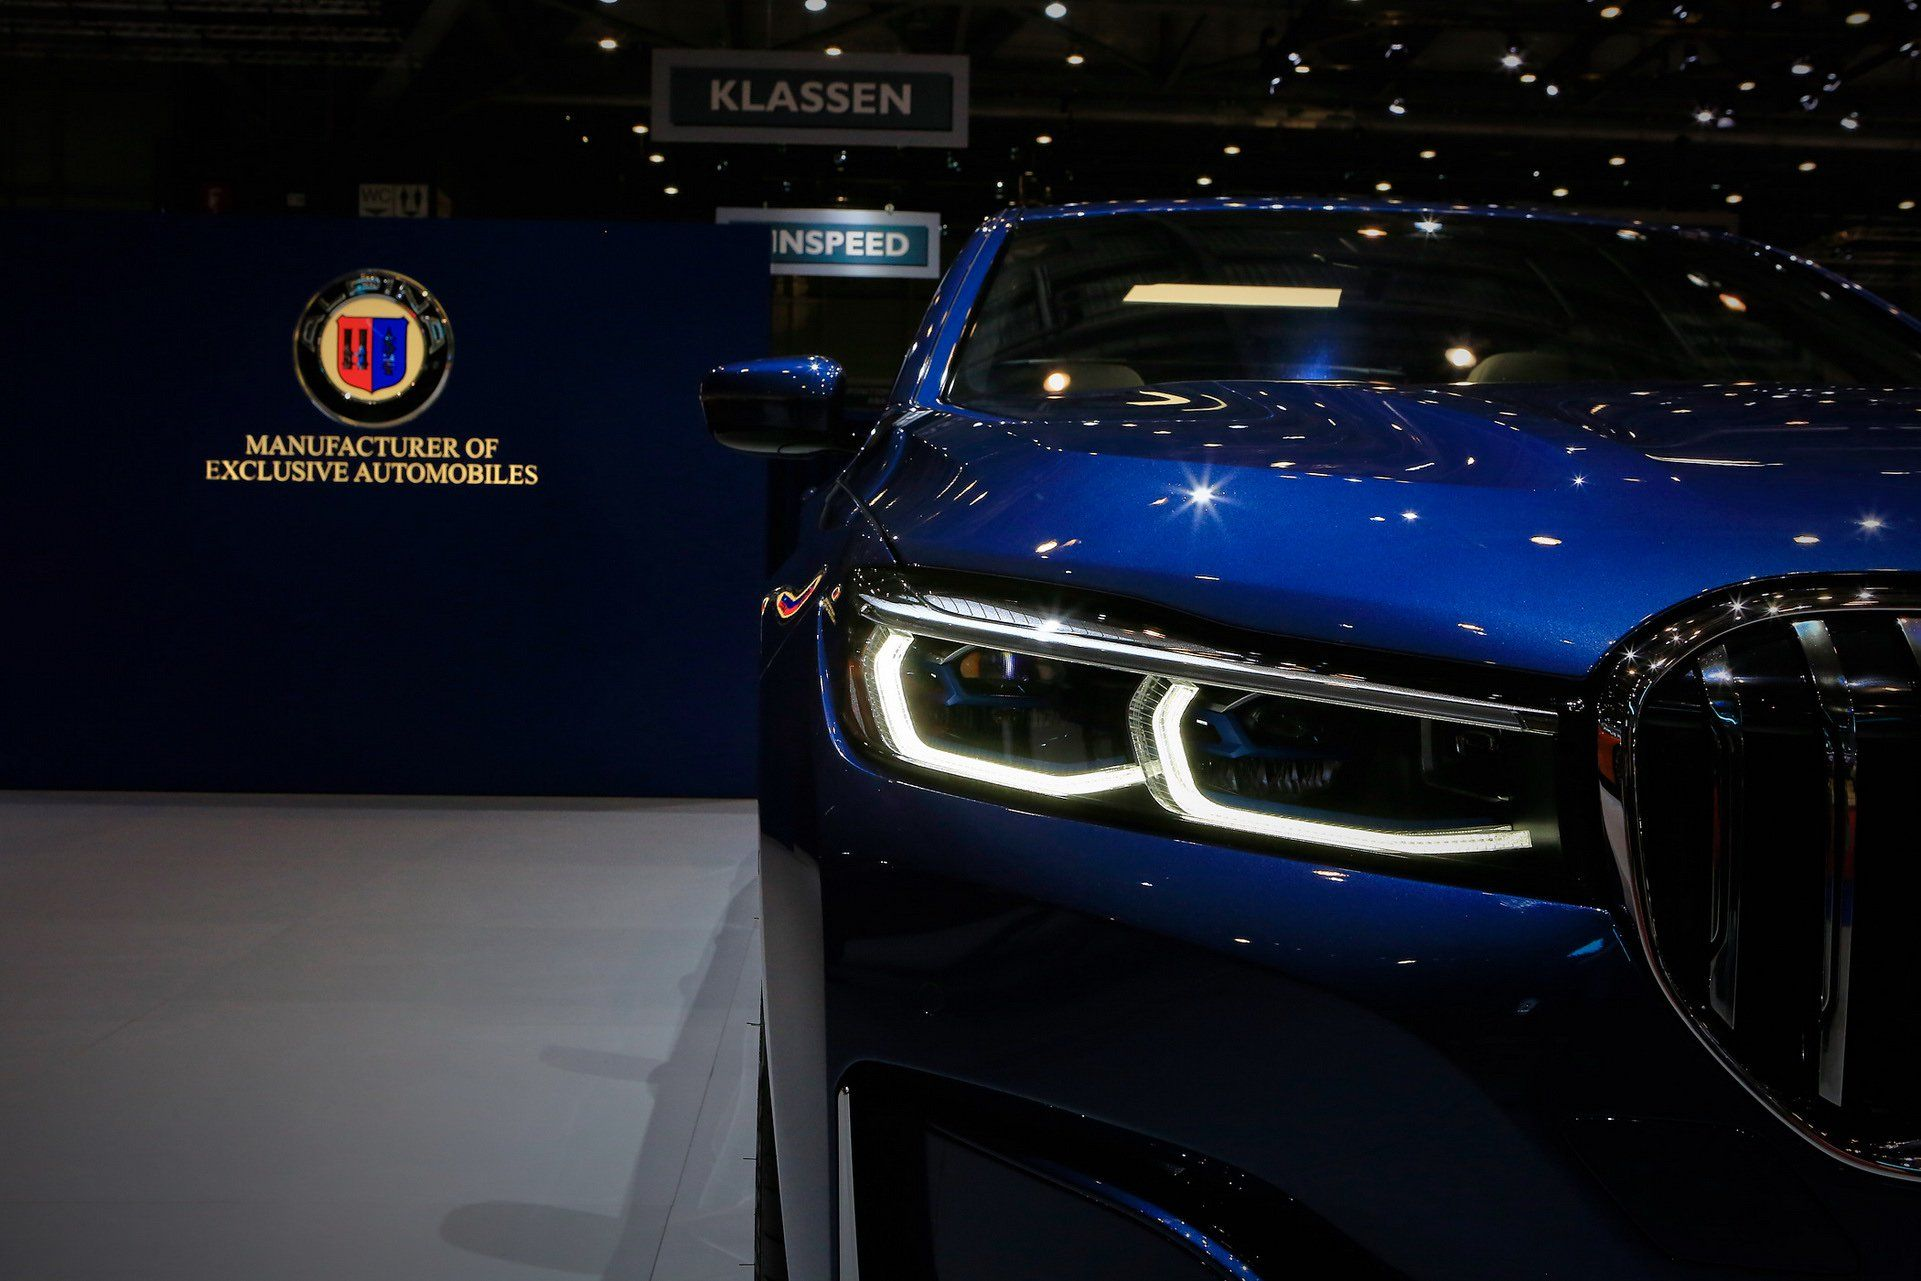 2020 Alpina B7 Xdrive Bmw Alpina Bmw Bmw Car